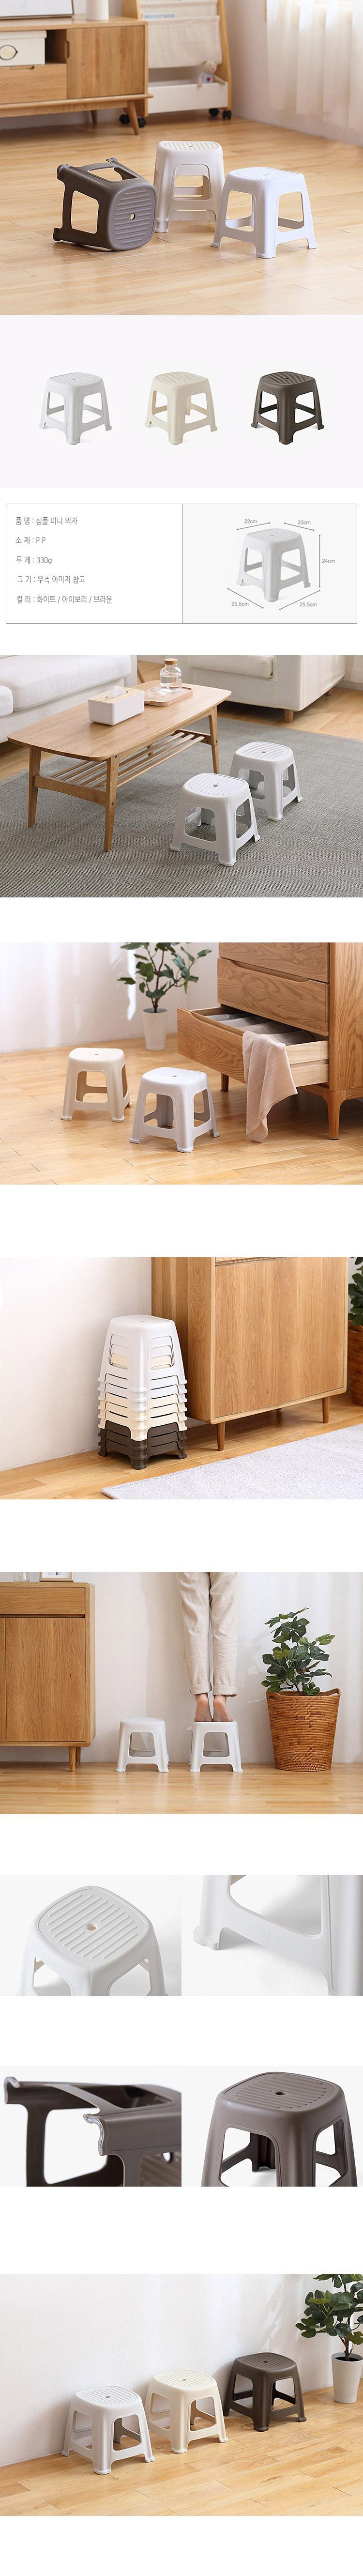 다용도 심플 미니 의자 - 연호디자인, 6,240원, 디자인 의자, 간이의자